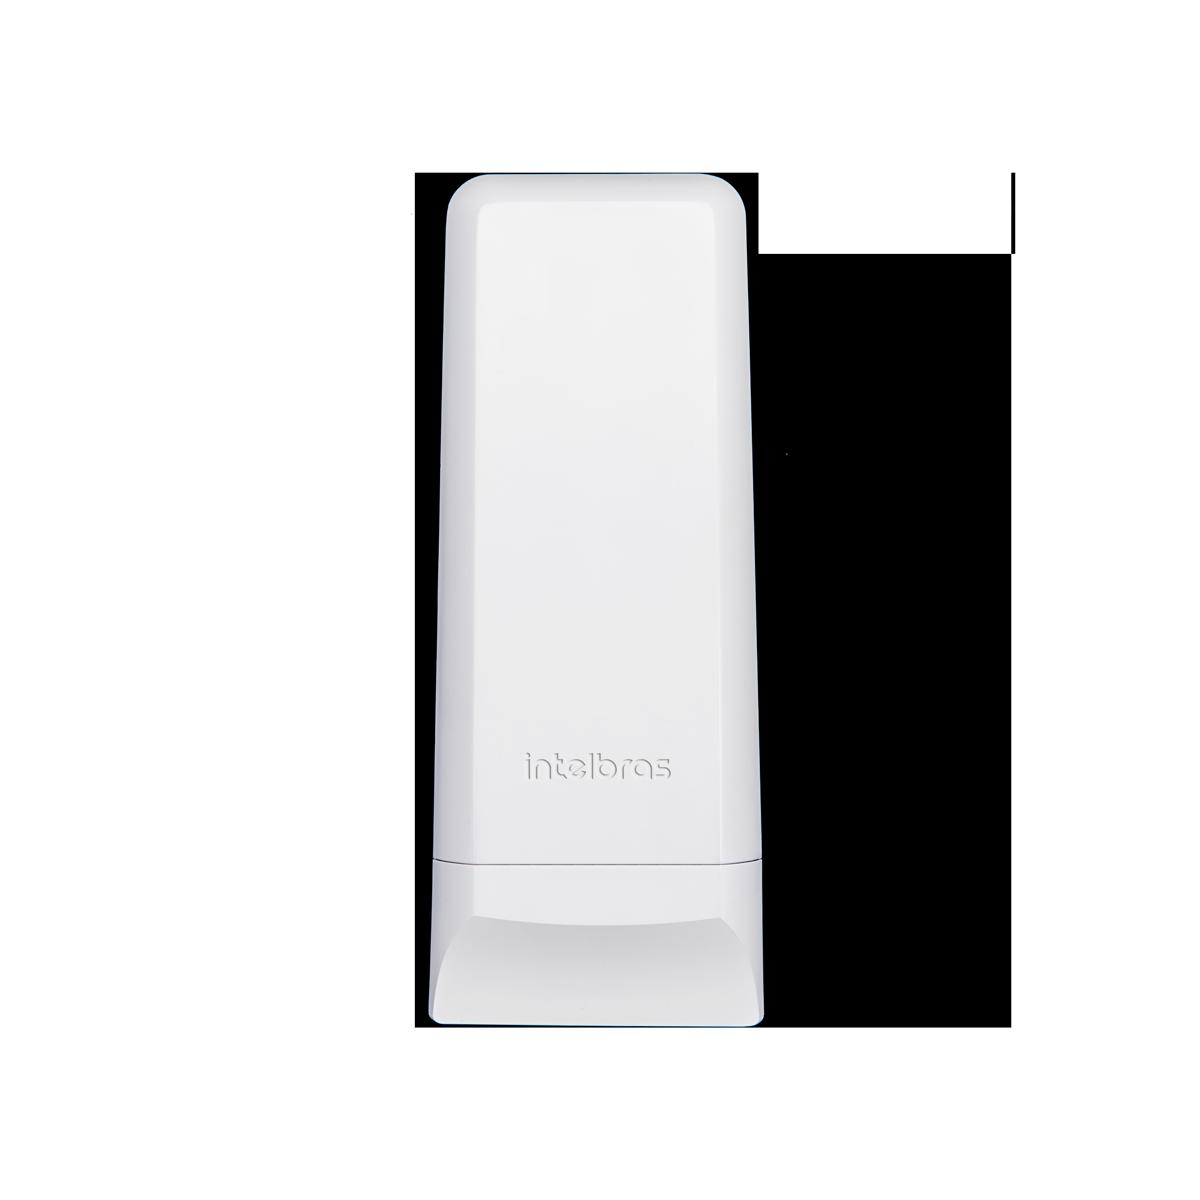 Kit conexão sem fio para CFTV IP -  WOM 5A MiMo Intelbras